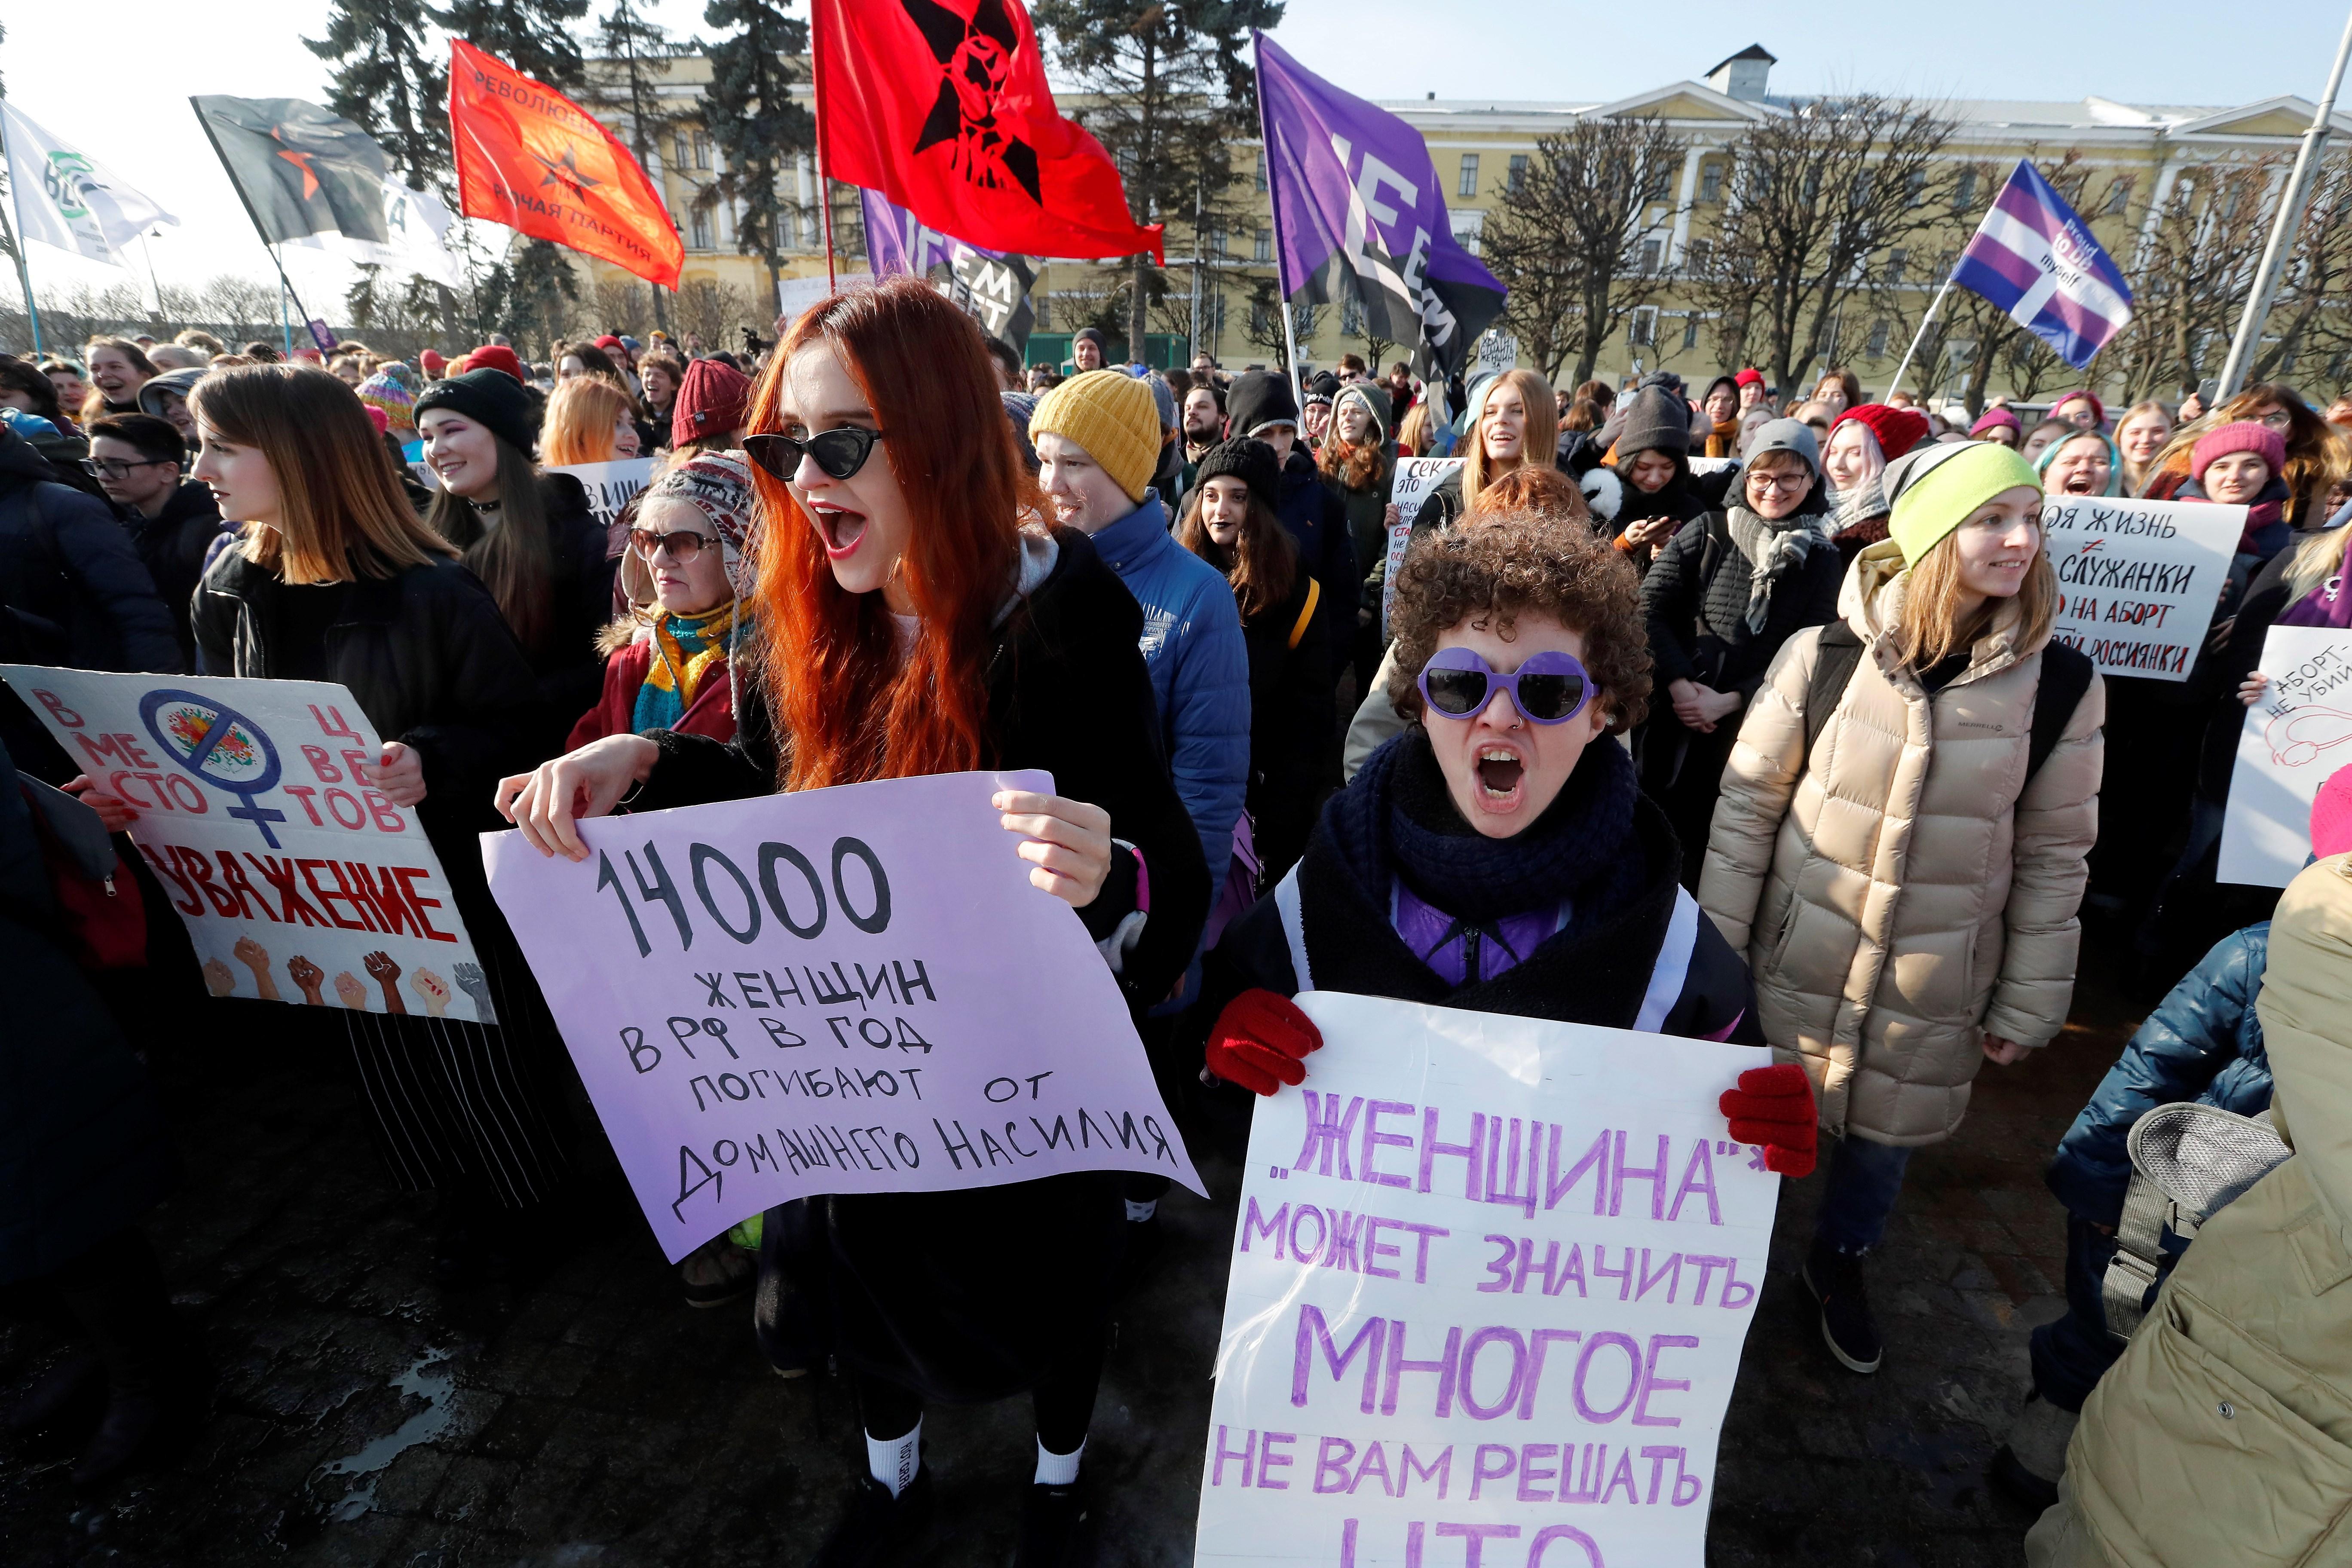 SPB01. SAN PETERSBURGO (RUSIA), 08/03/2019.- Varias mujeres acuden con pancartas a una concentración en apoyo al Día Internacional de la Mujer, este viernes en San Petersburgo. EFE/ Anatoly Maltsev